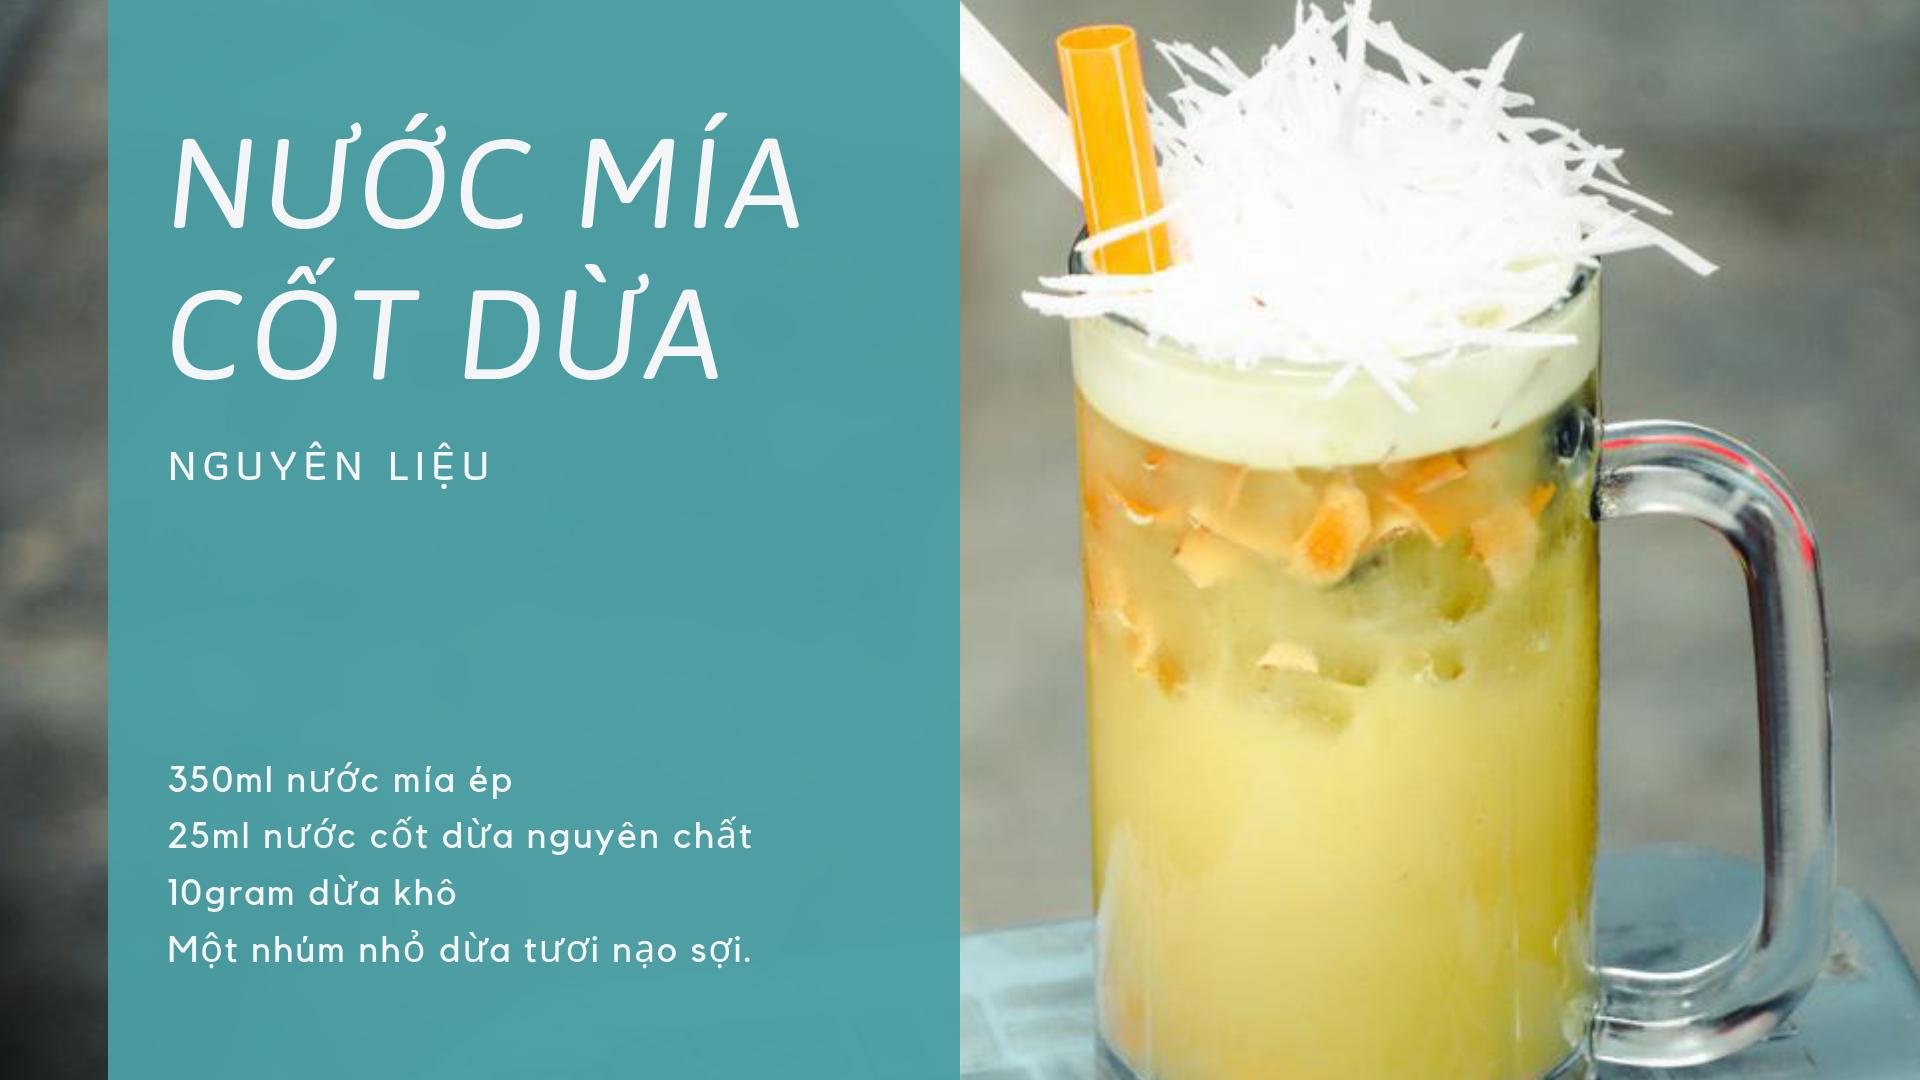 nước mía cốt dừa